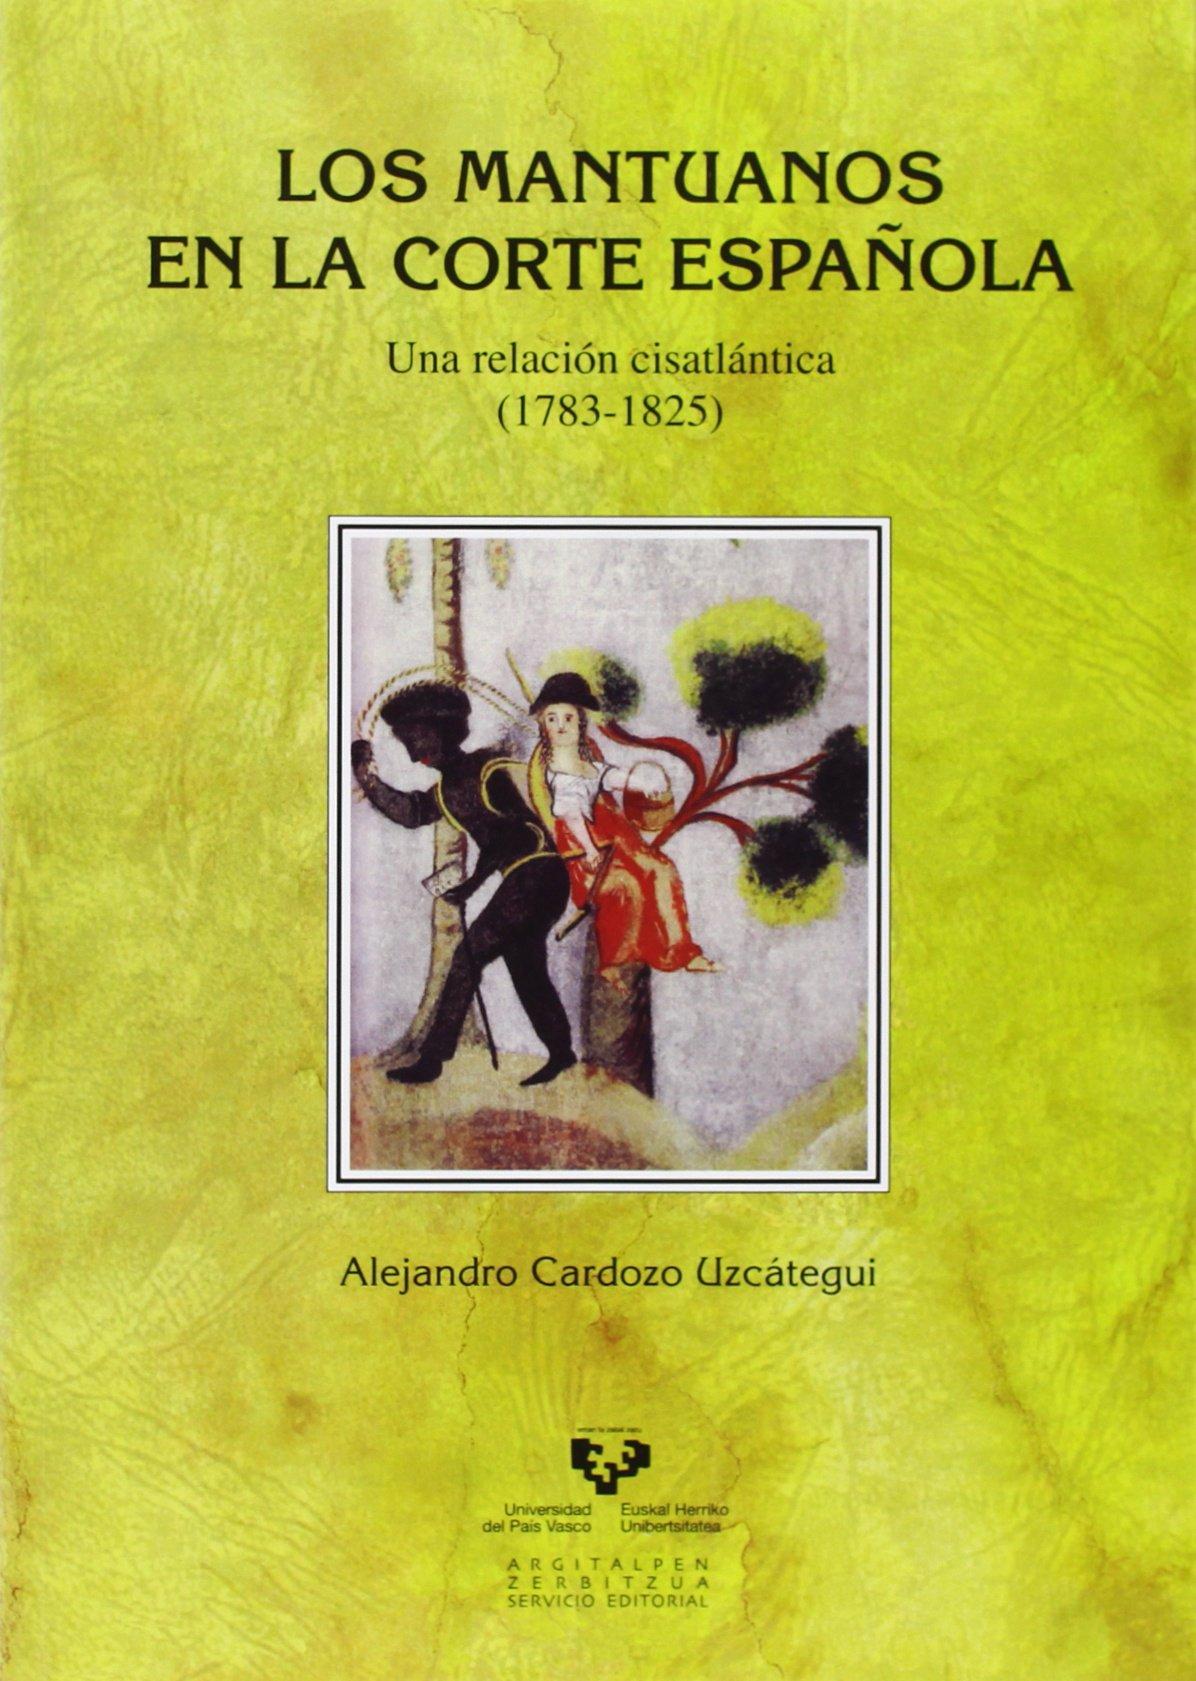 Mantuanos en la corte española,Los Historia Medieval y Moderna: Amazon.es: Cardozo Uzcátegui, Alejandro: Libros